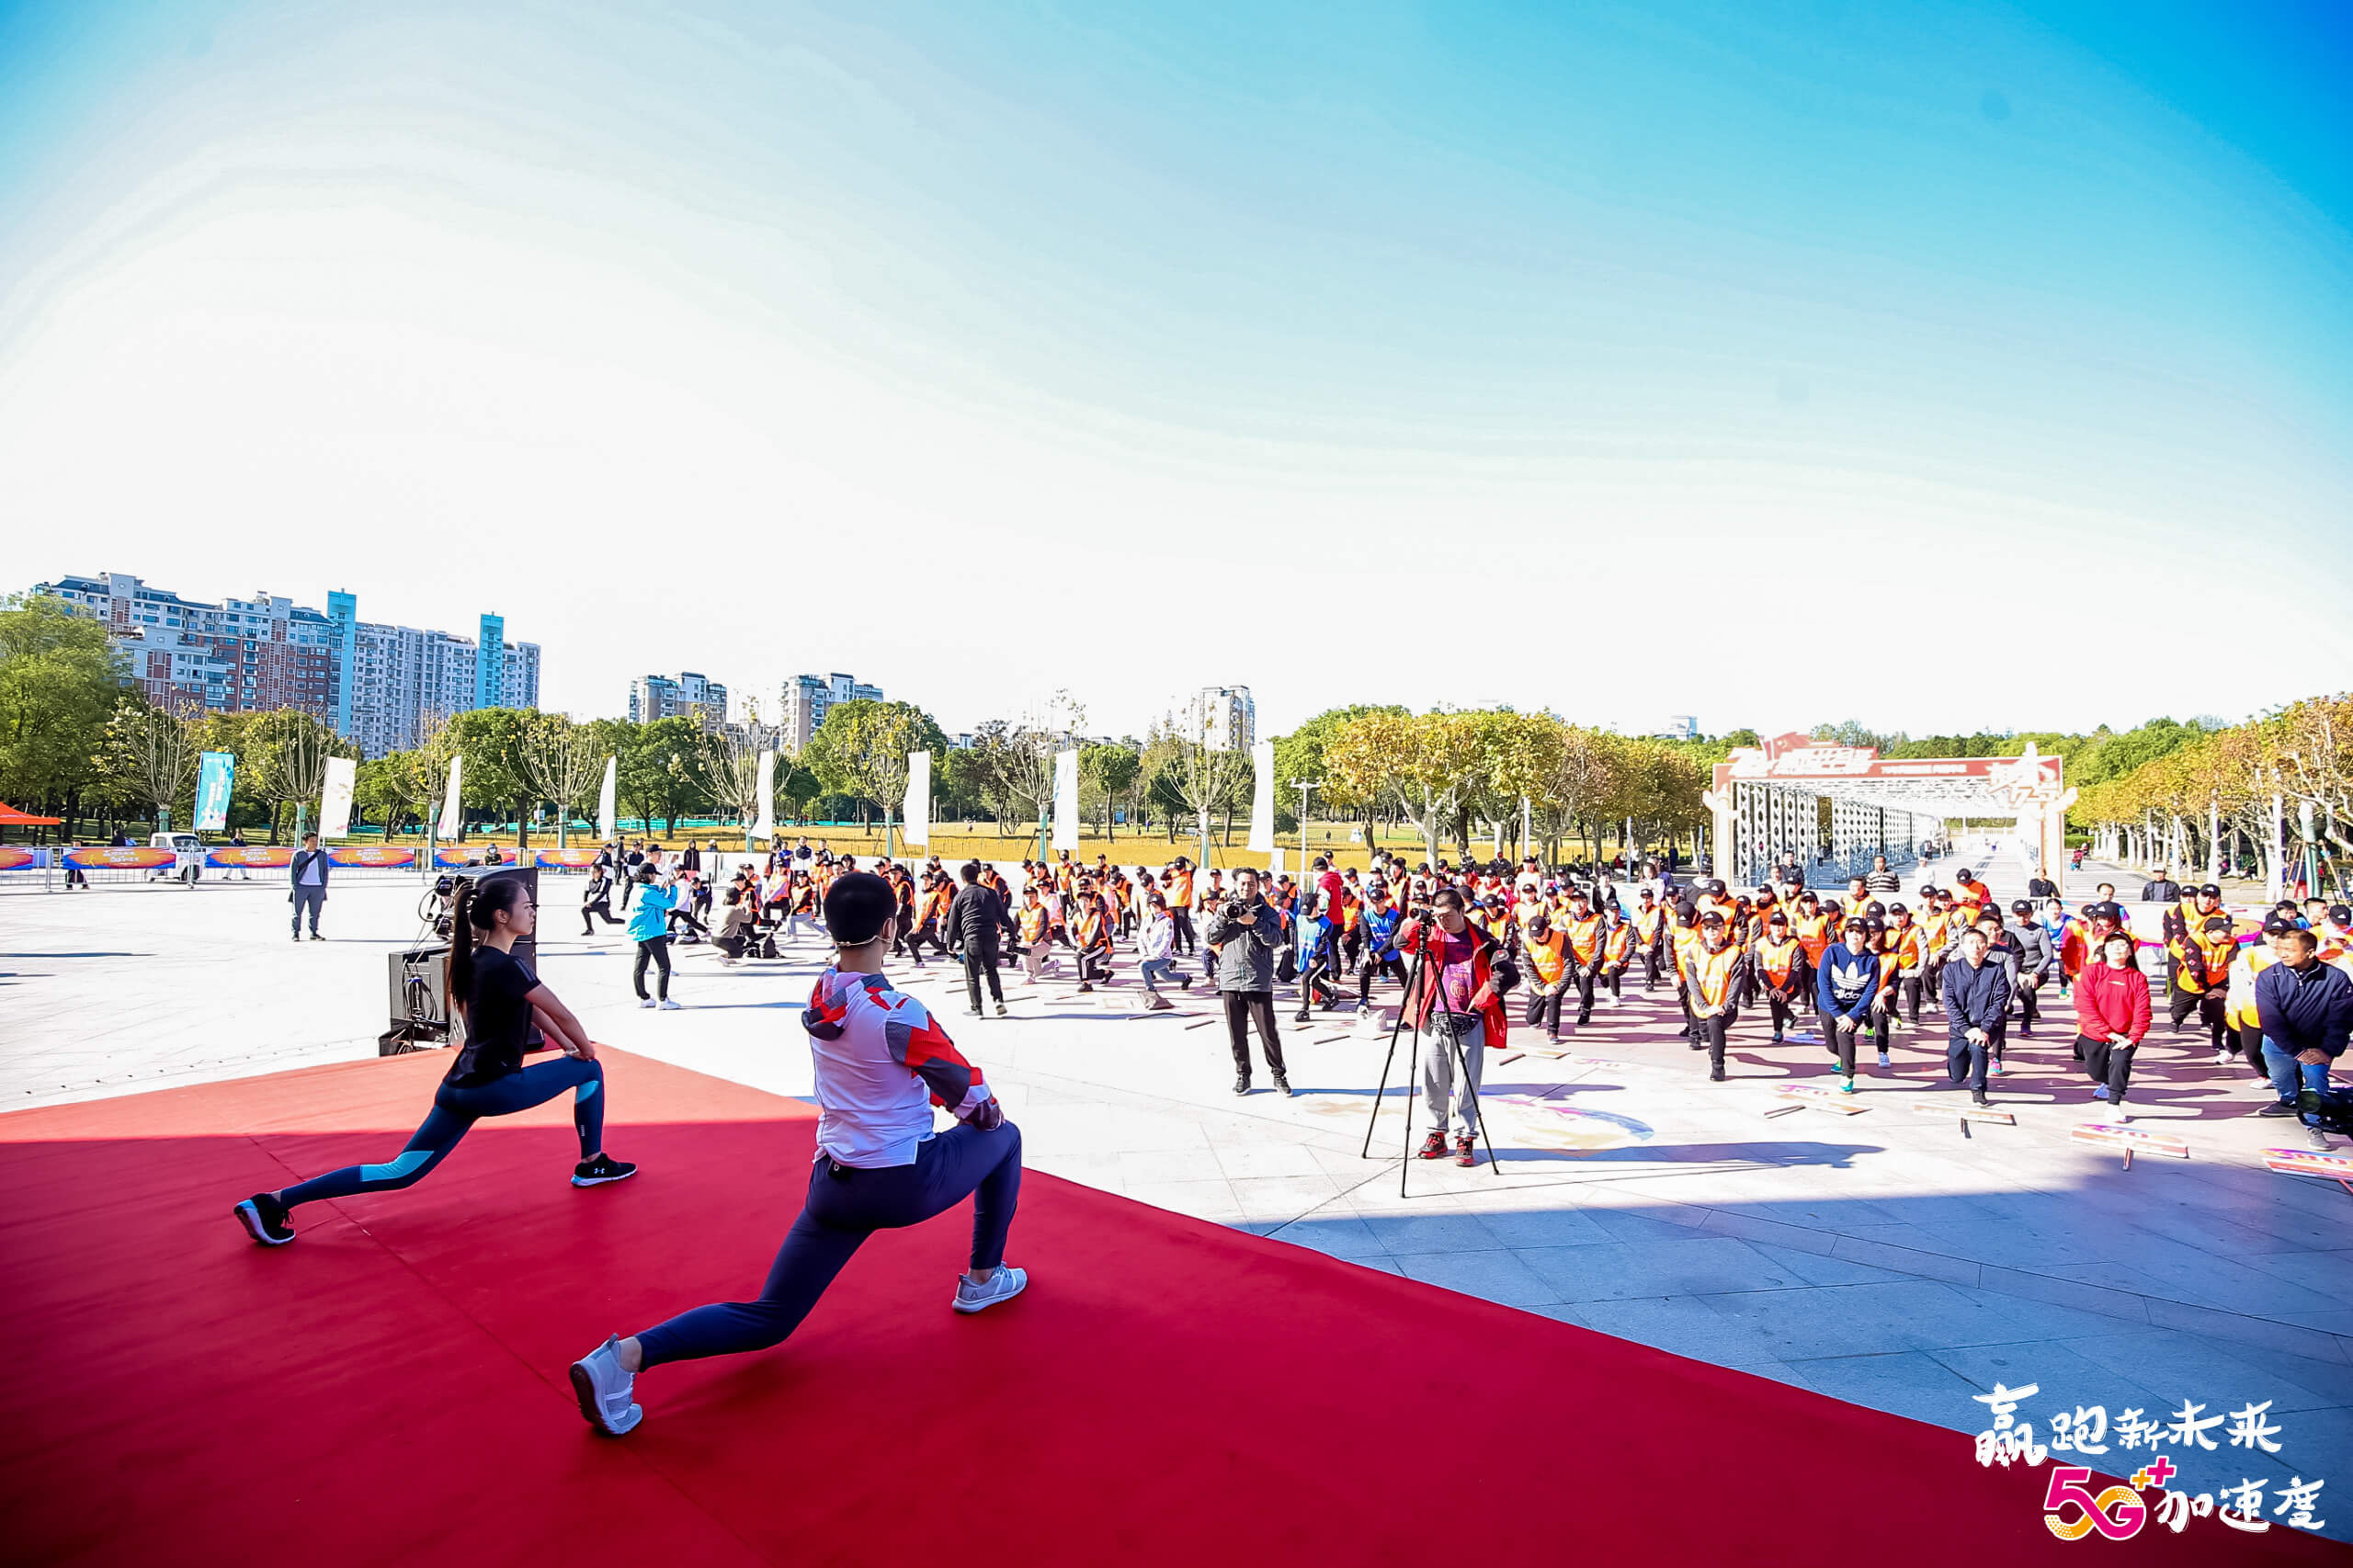 移动2019健步行 5G加速度活动